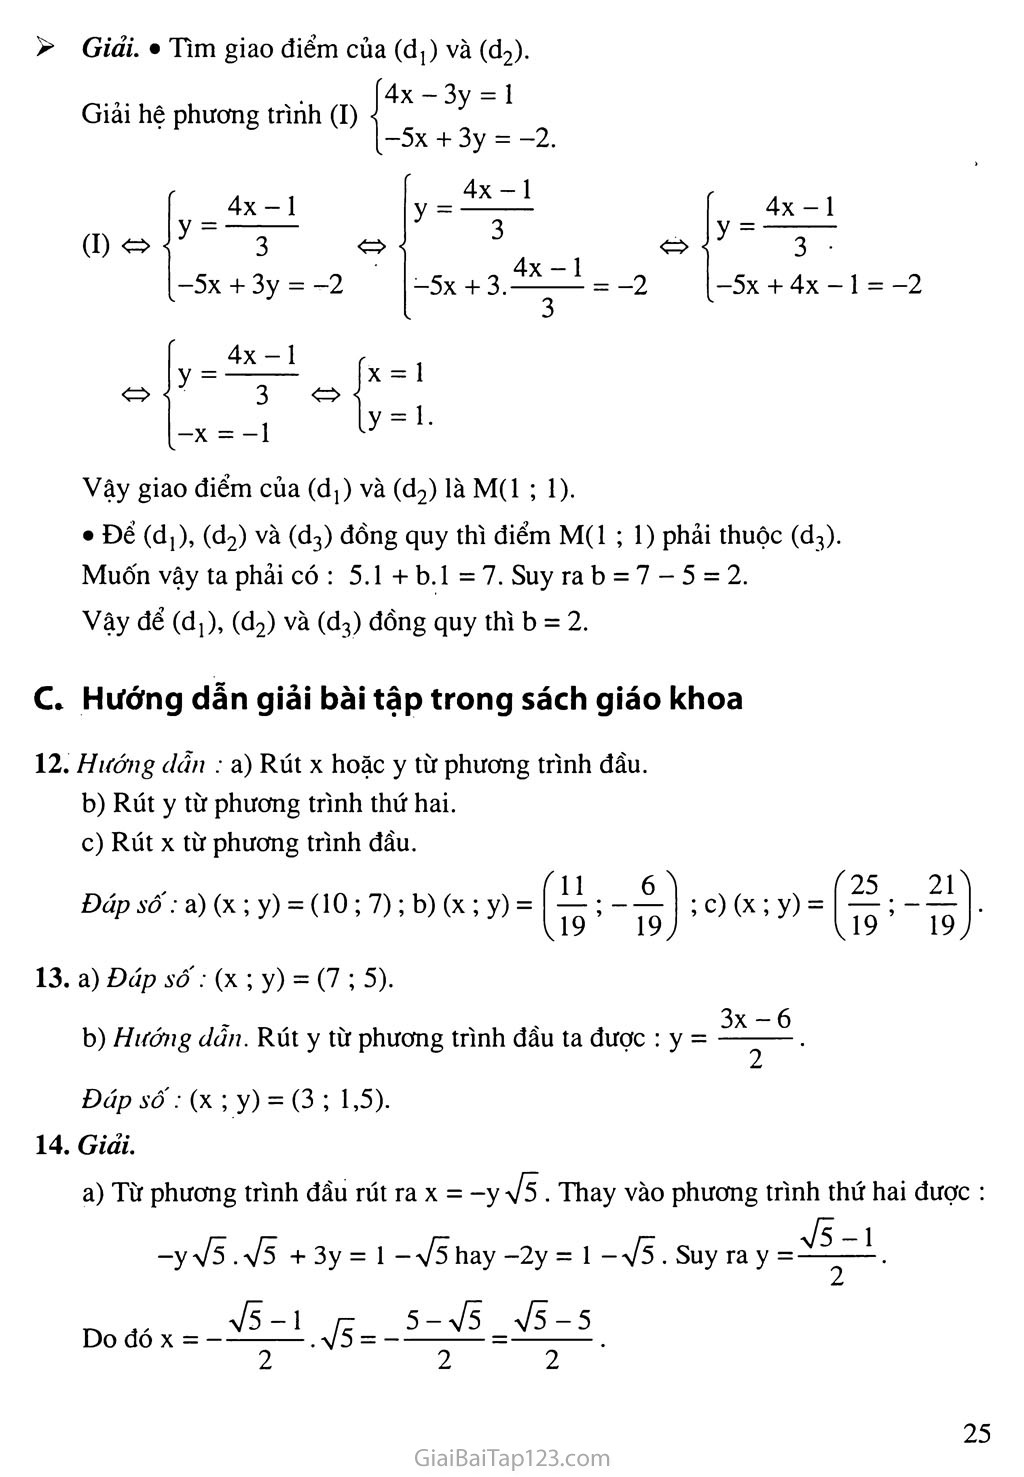 Bài 3. Giải hệ phương trình bằng phương pháp thế trang 4